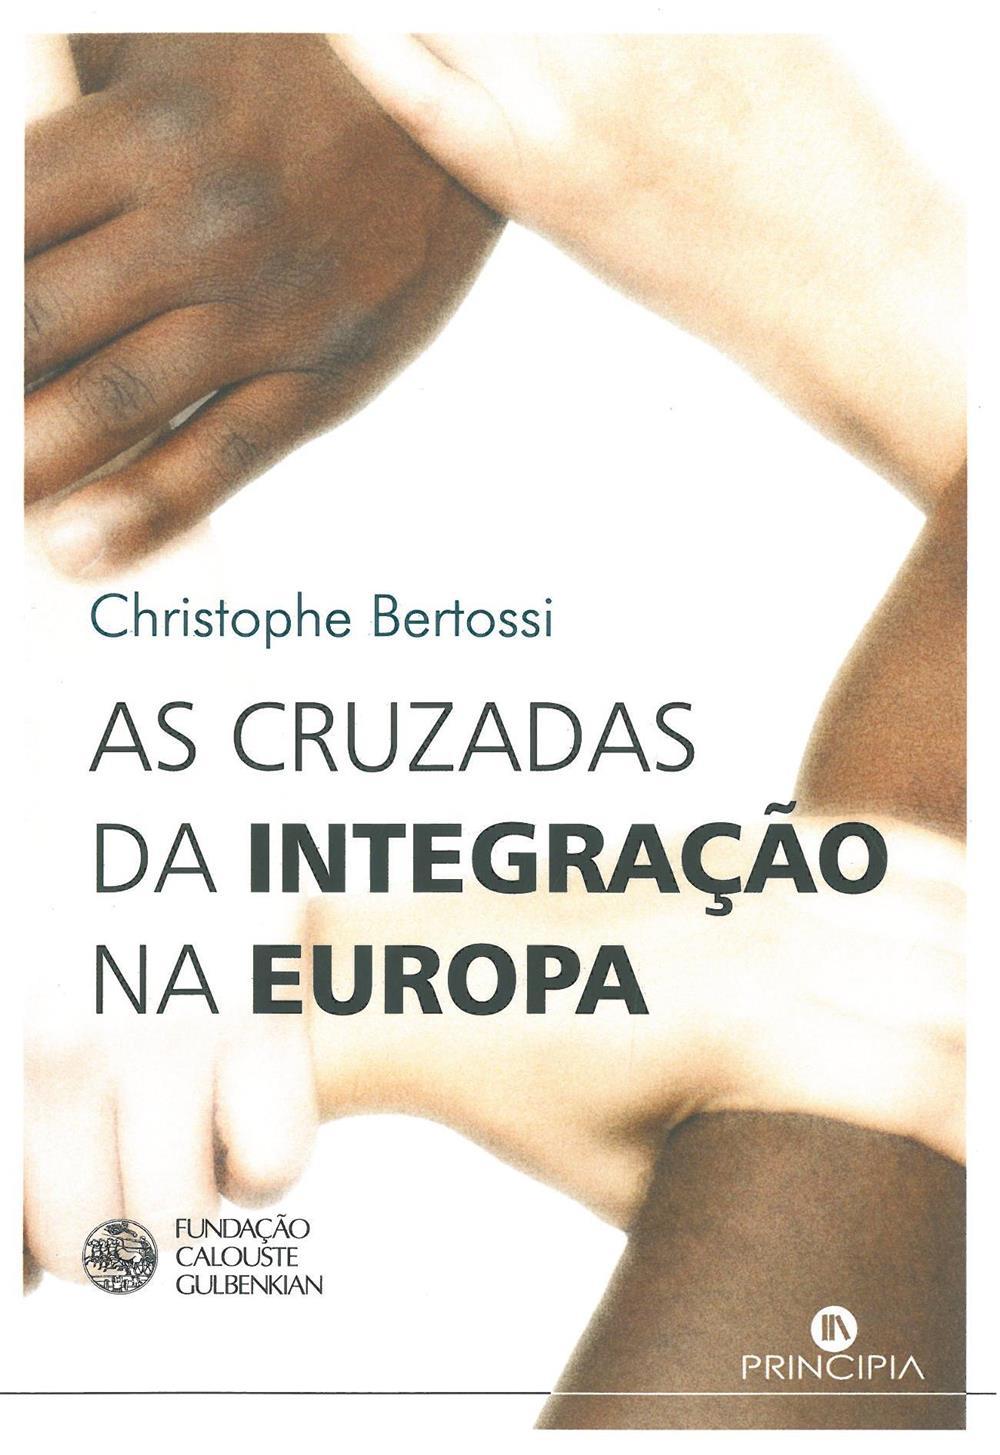 As cruzadas da integração na Europa_.jpg